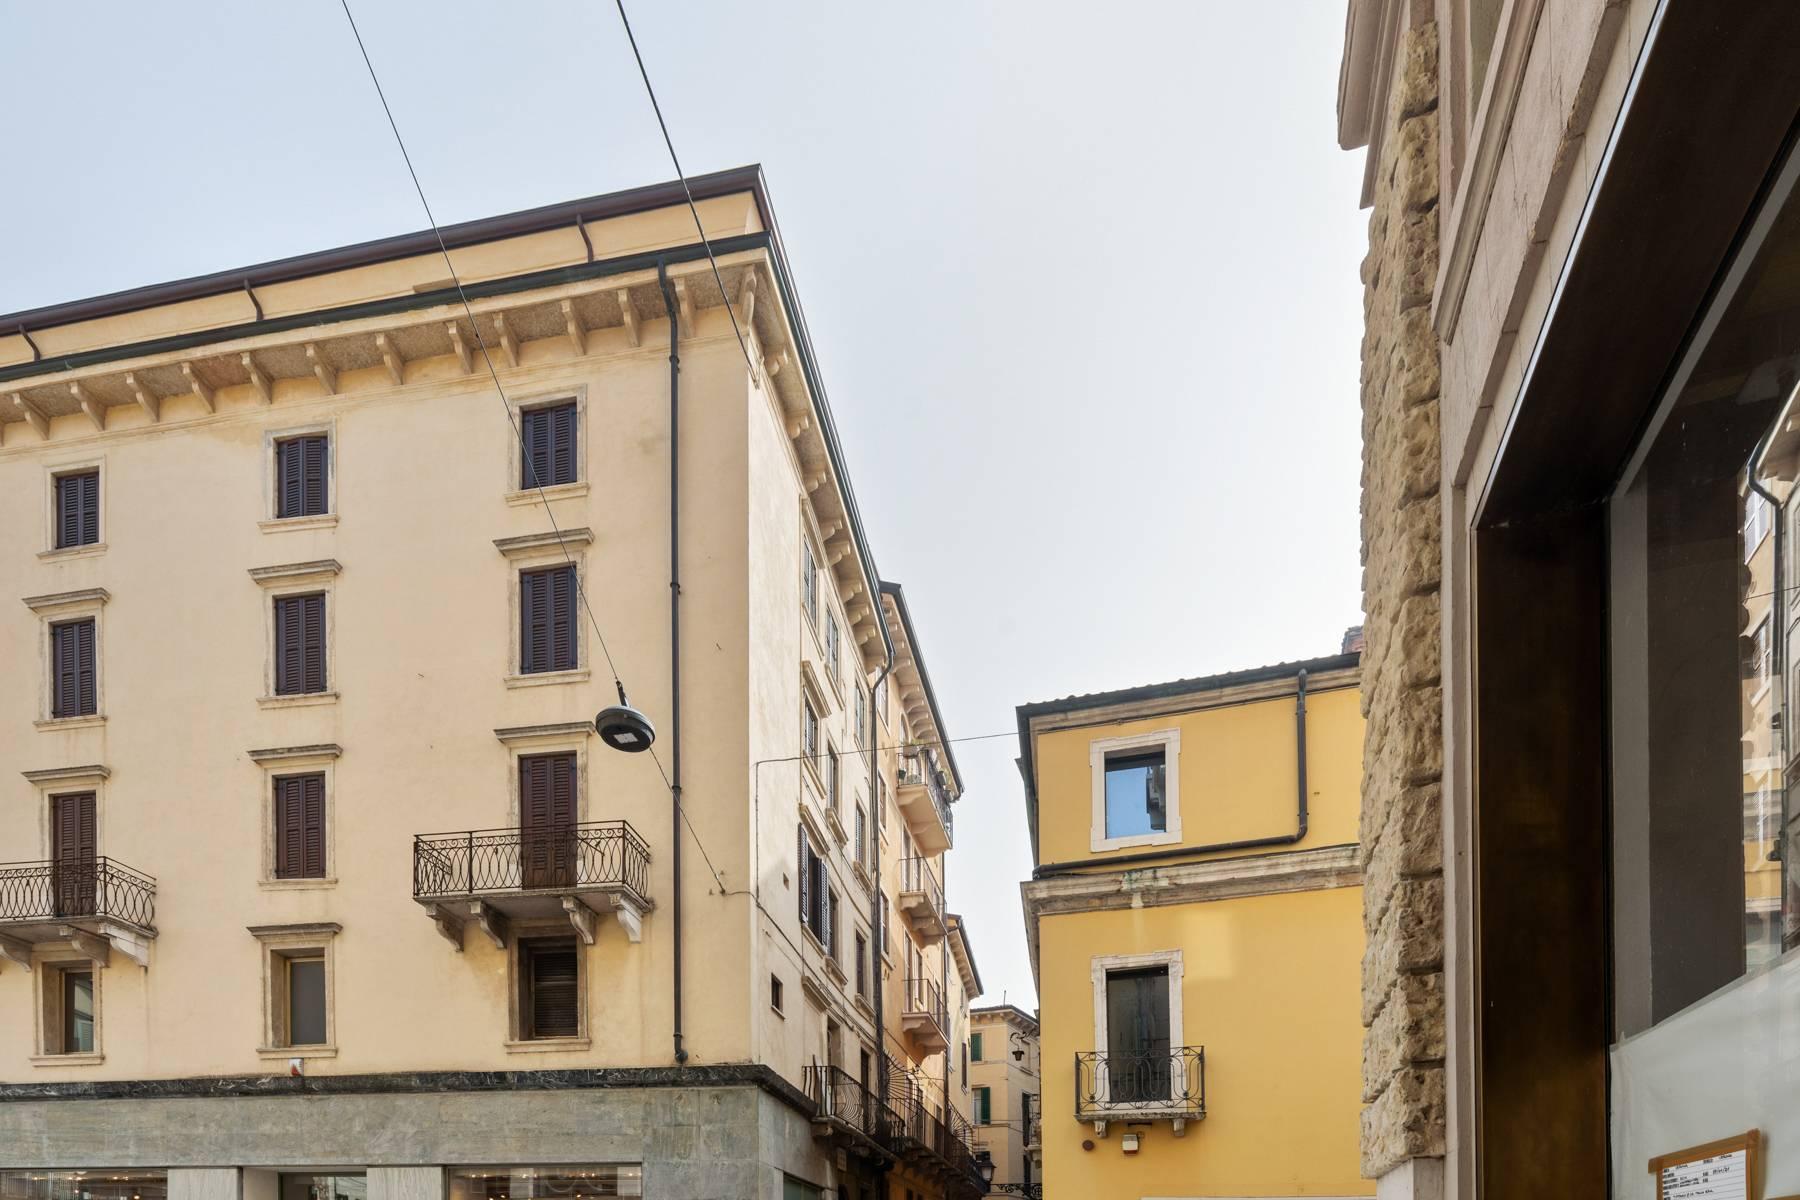 Attico in Vendita a Verona: 5 locali, 184 mq - Foto 24